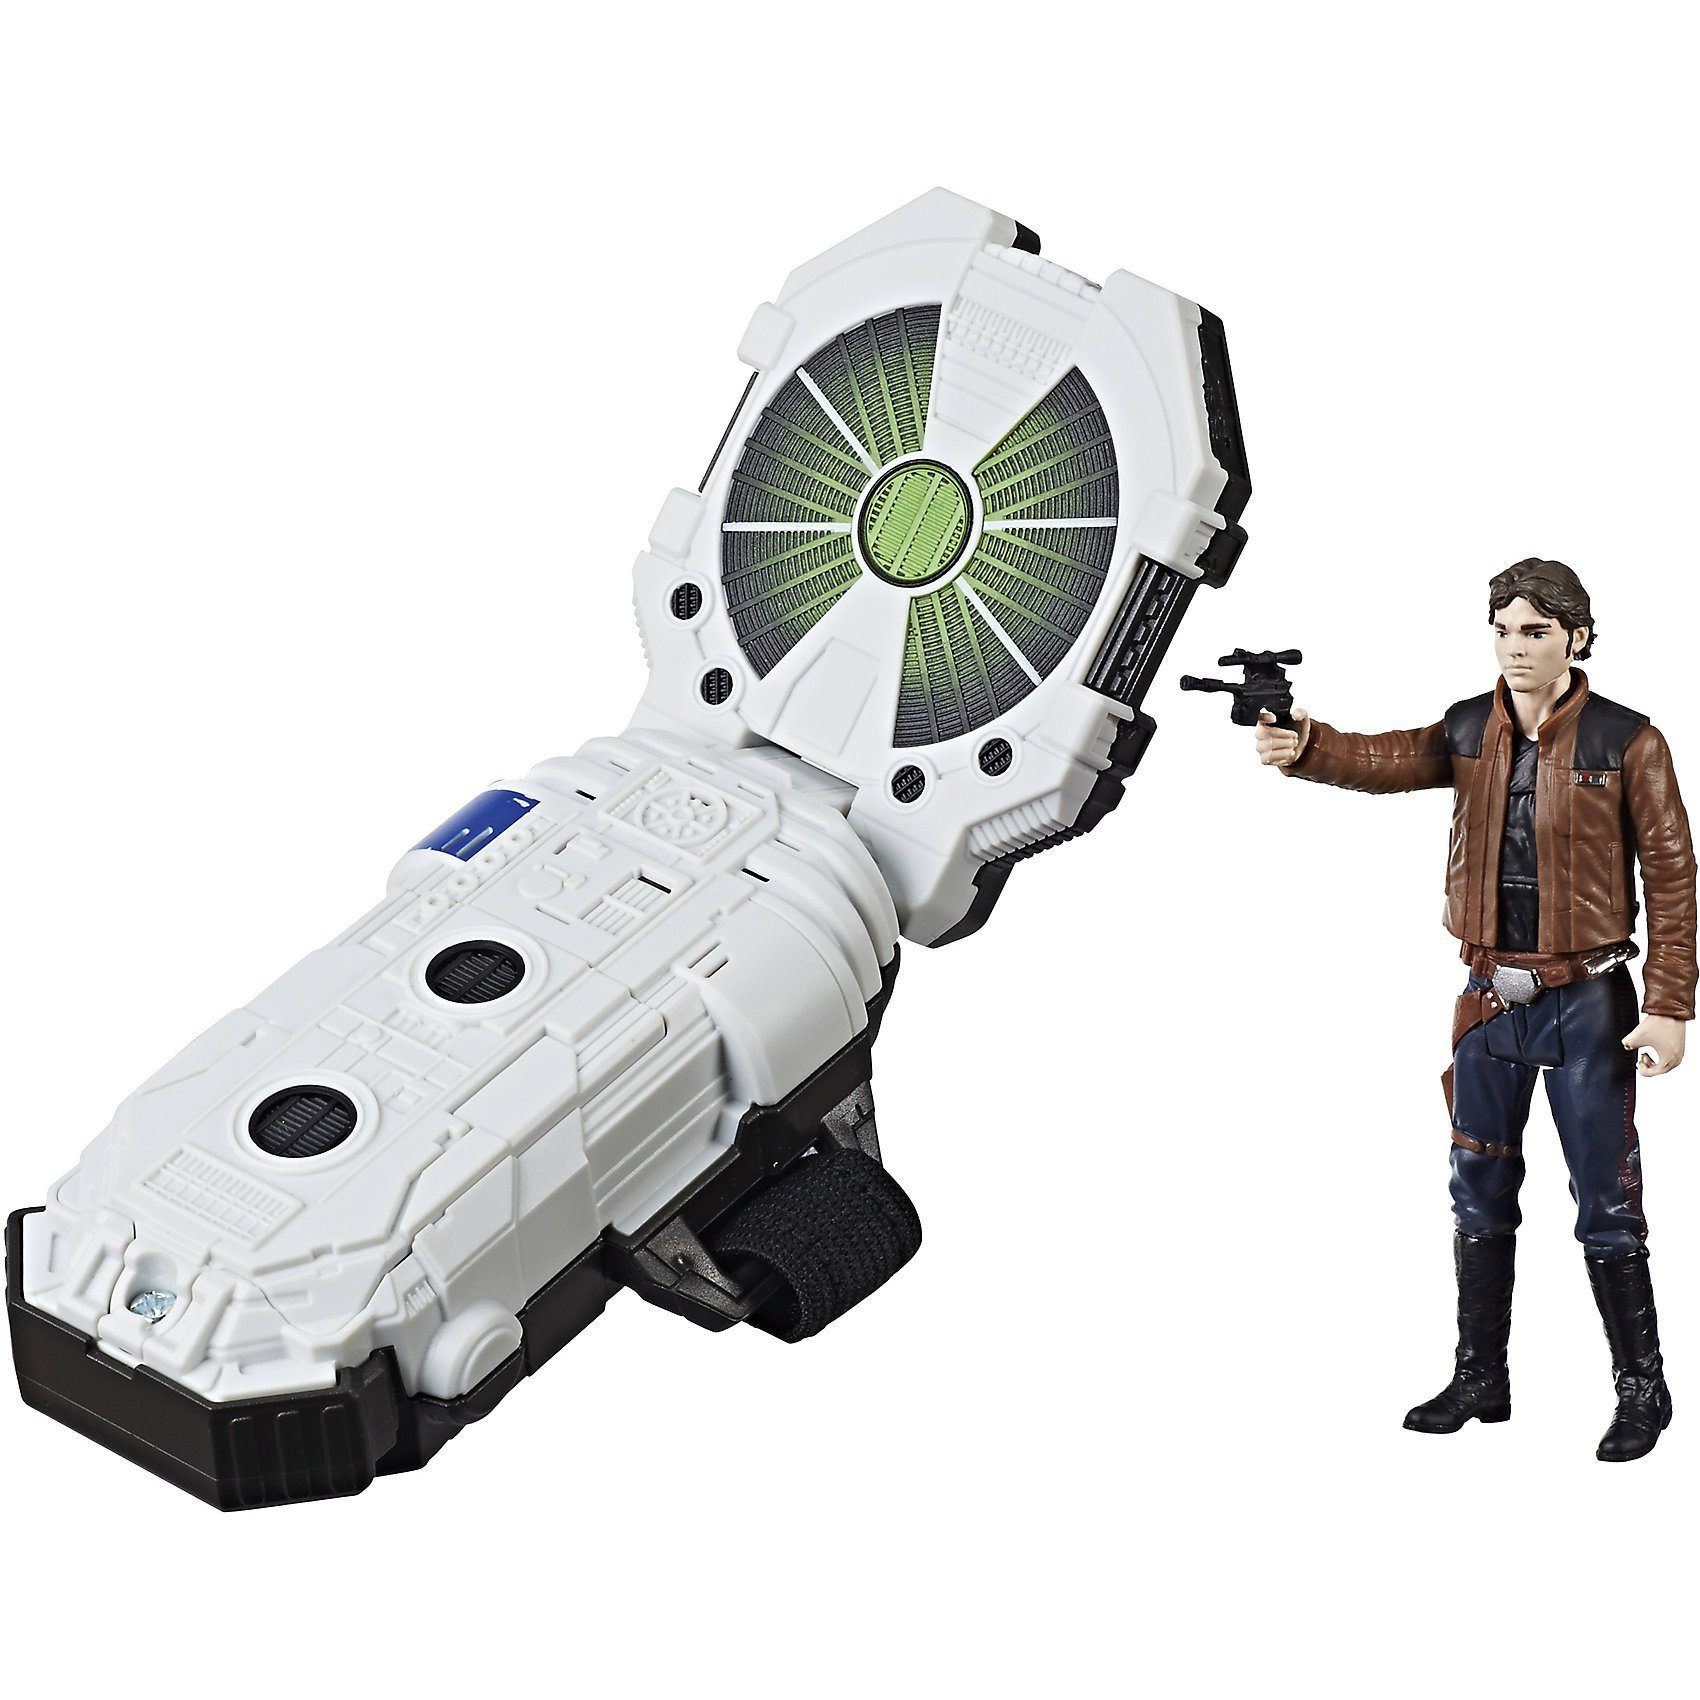 Hasbro Star Wars Han Solo Film Forcelink 2.0 Starterset